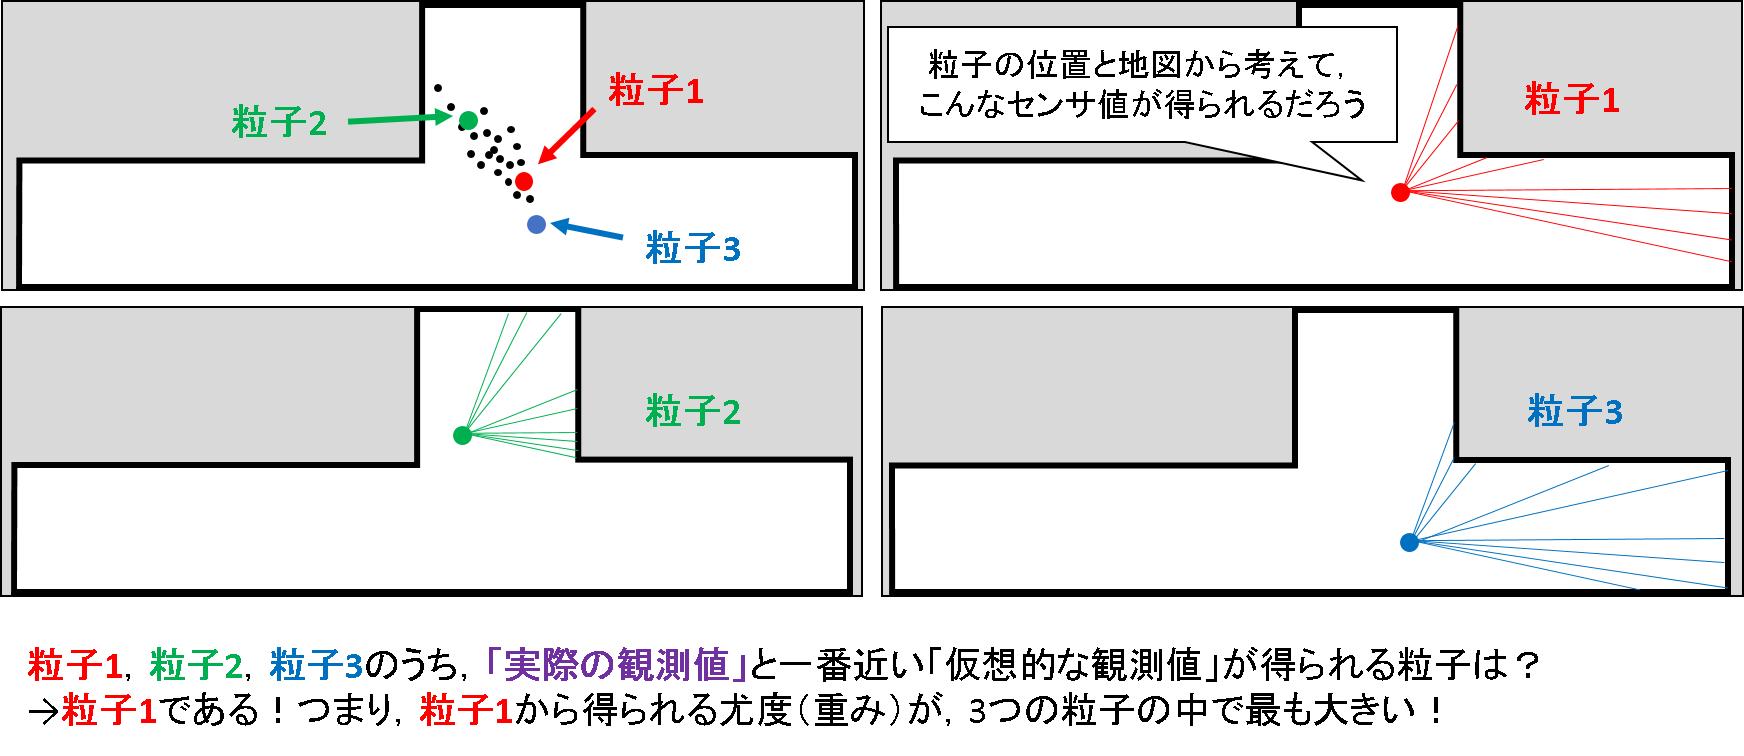 45_3粒子の観測予測.png